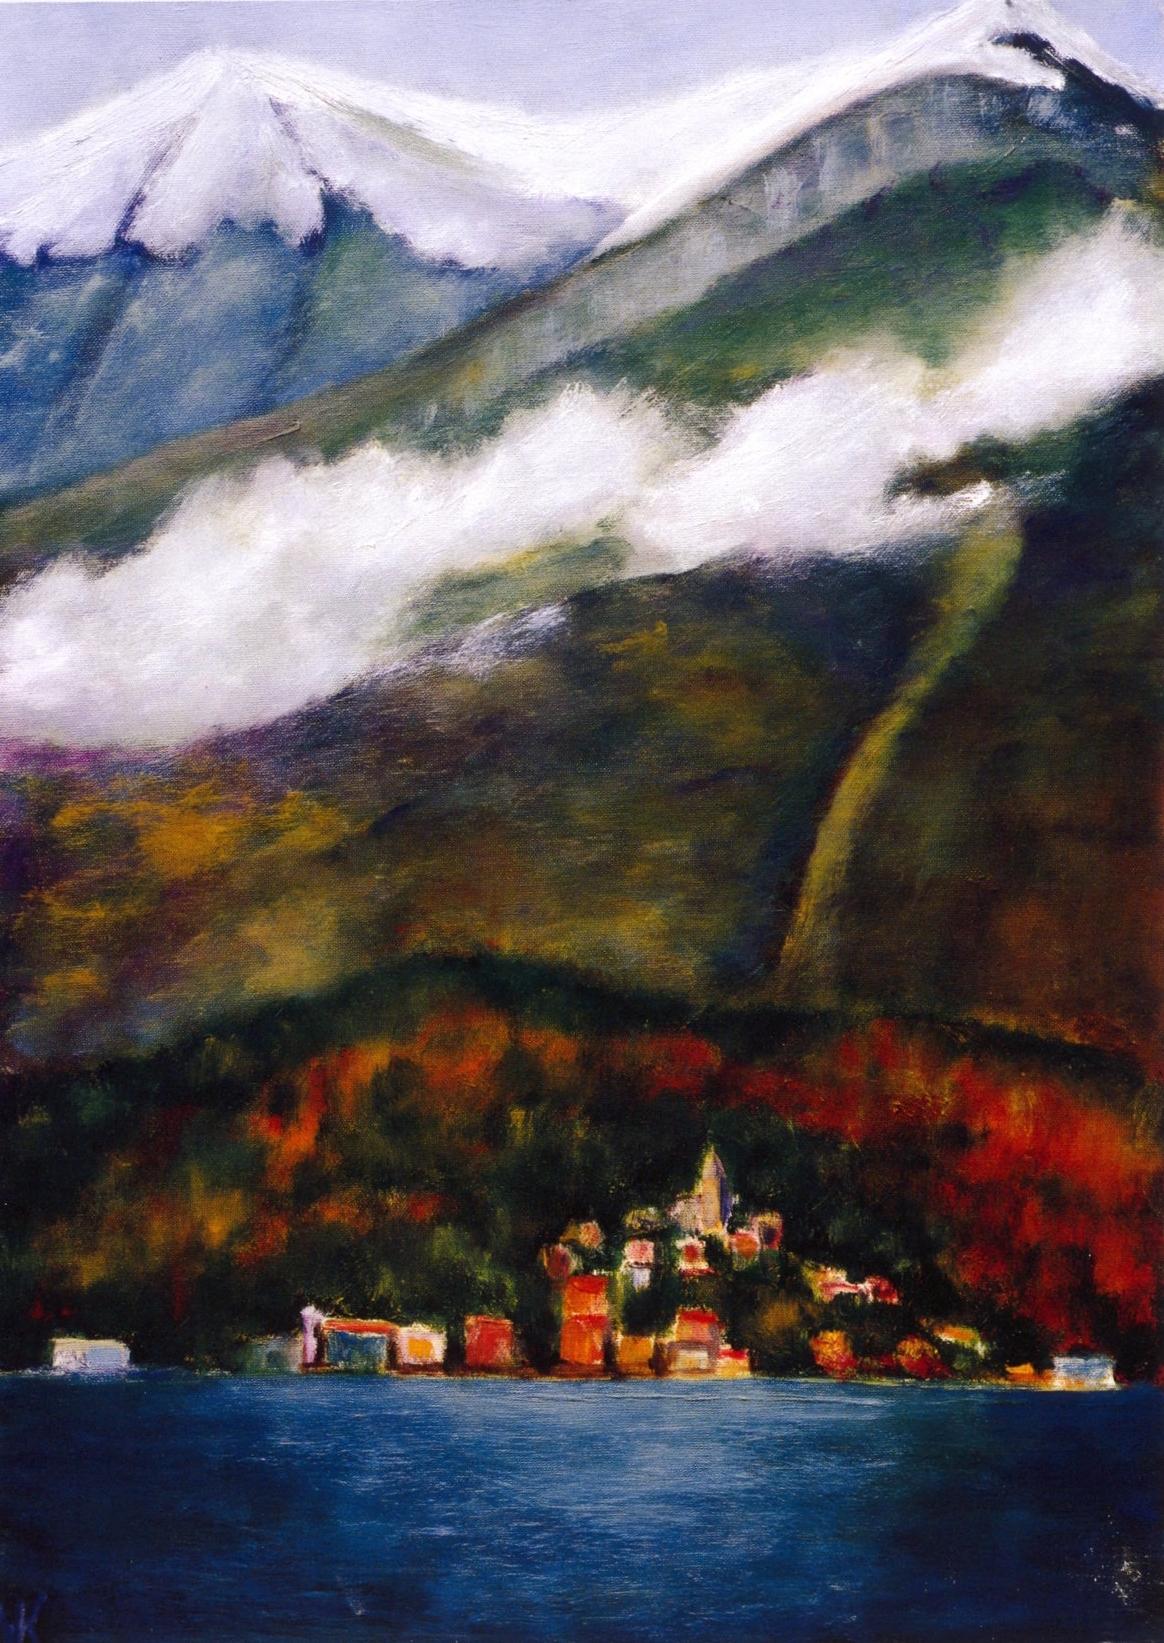 La Bella Vista #2 Bellagio   Oil on canvas, 28'' x 20'', 2004